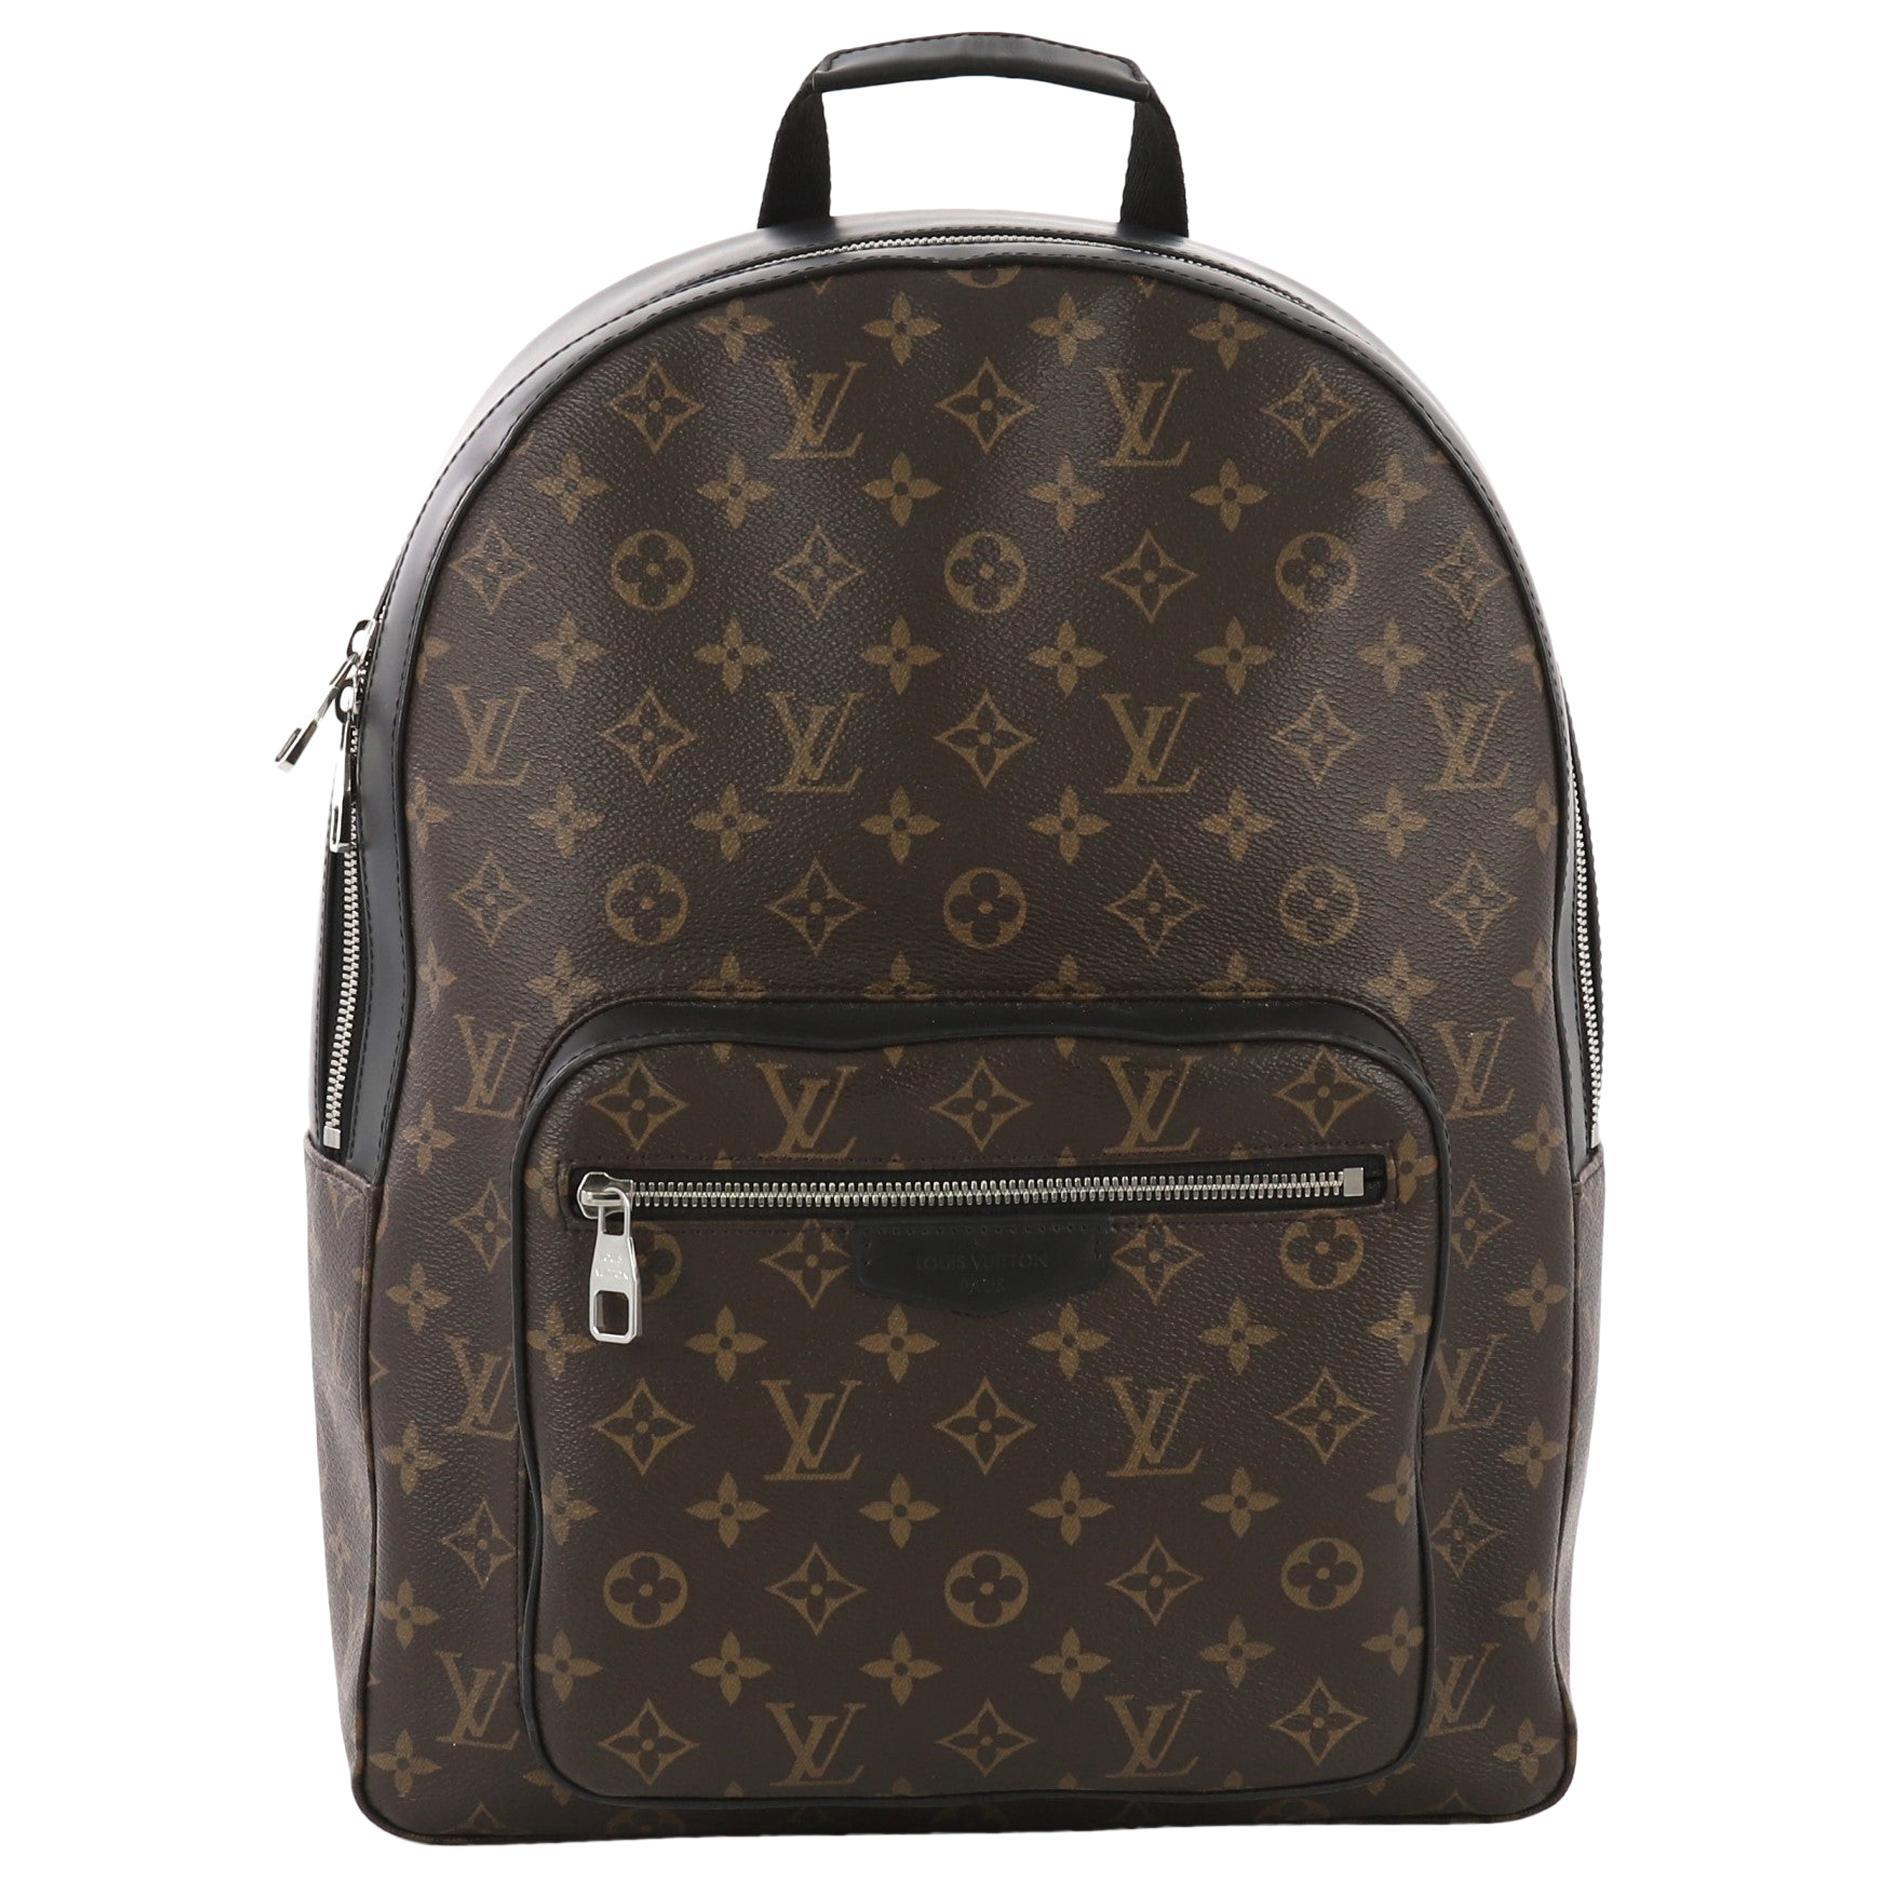 b21c99e0122 Rebag Backpacks - 1stdibs